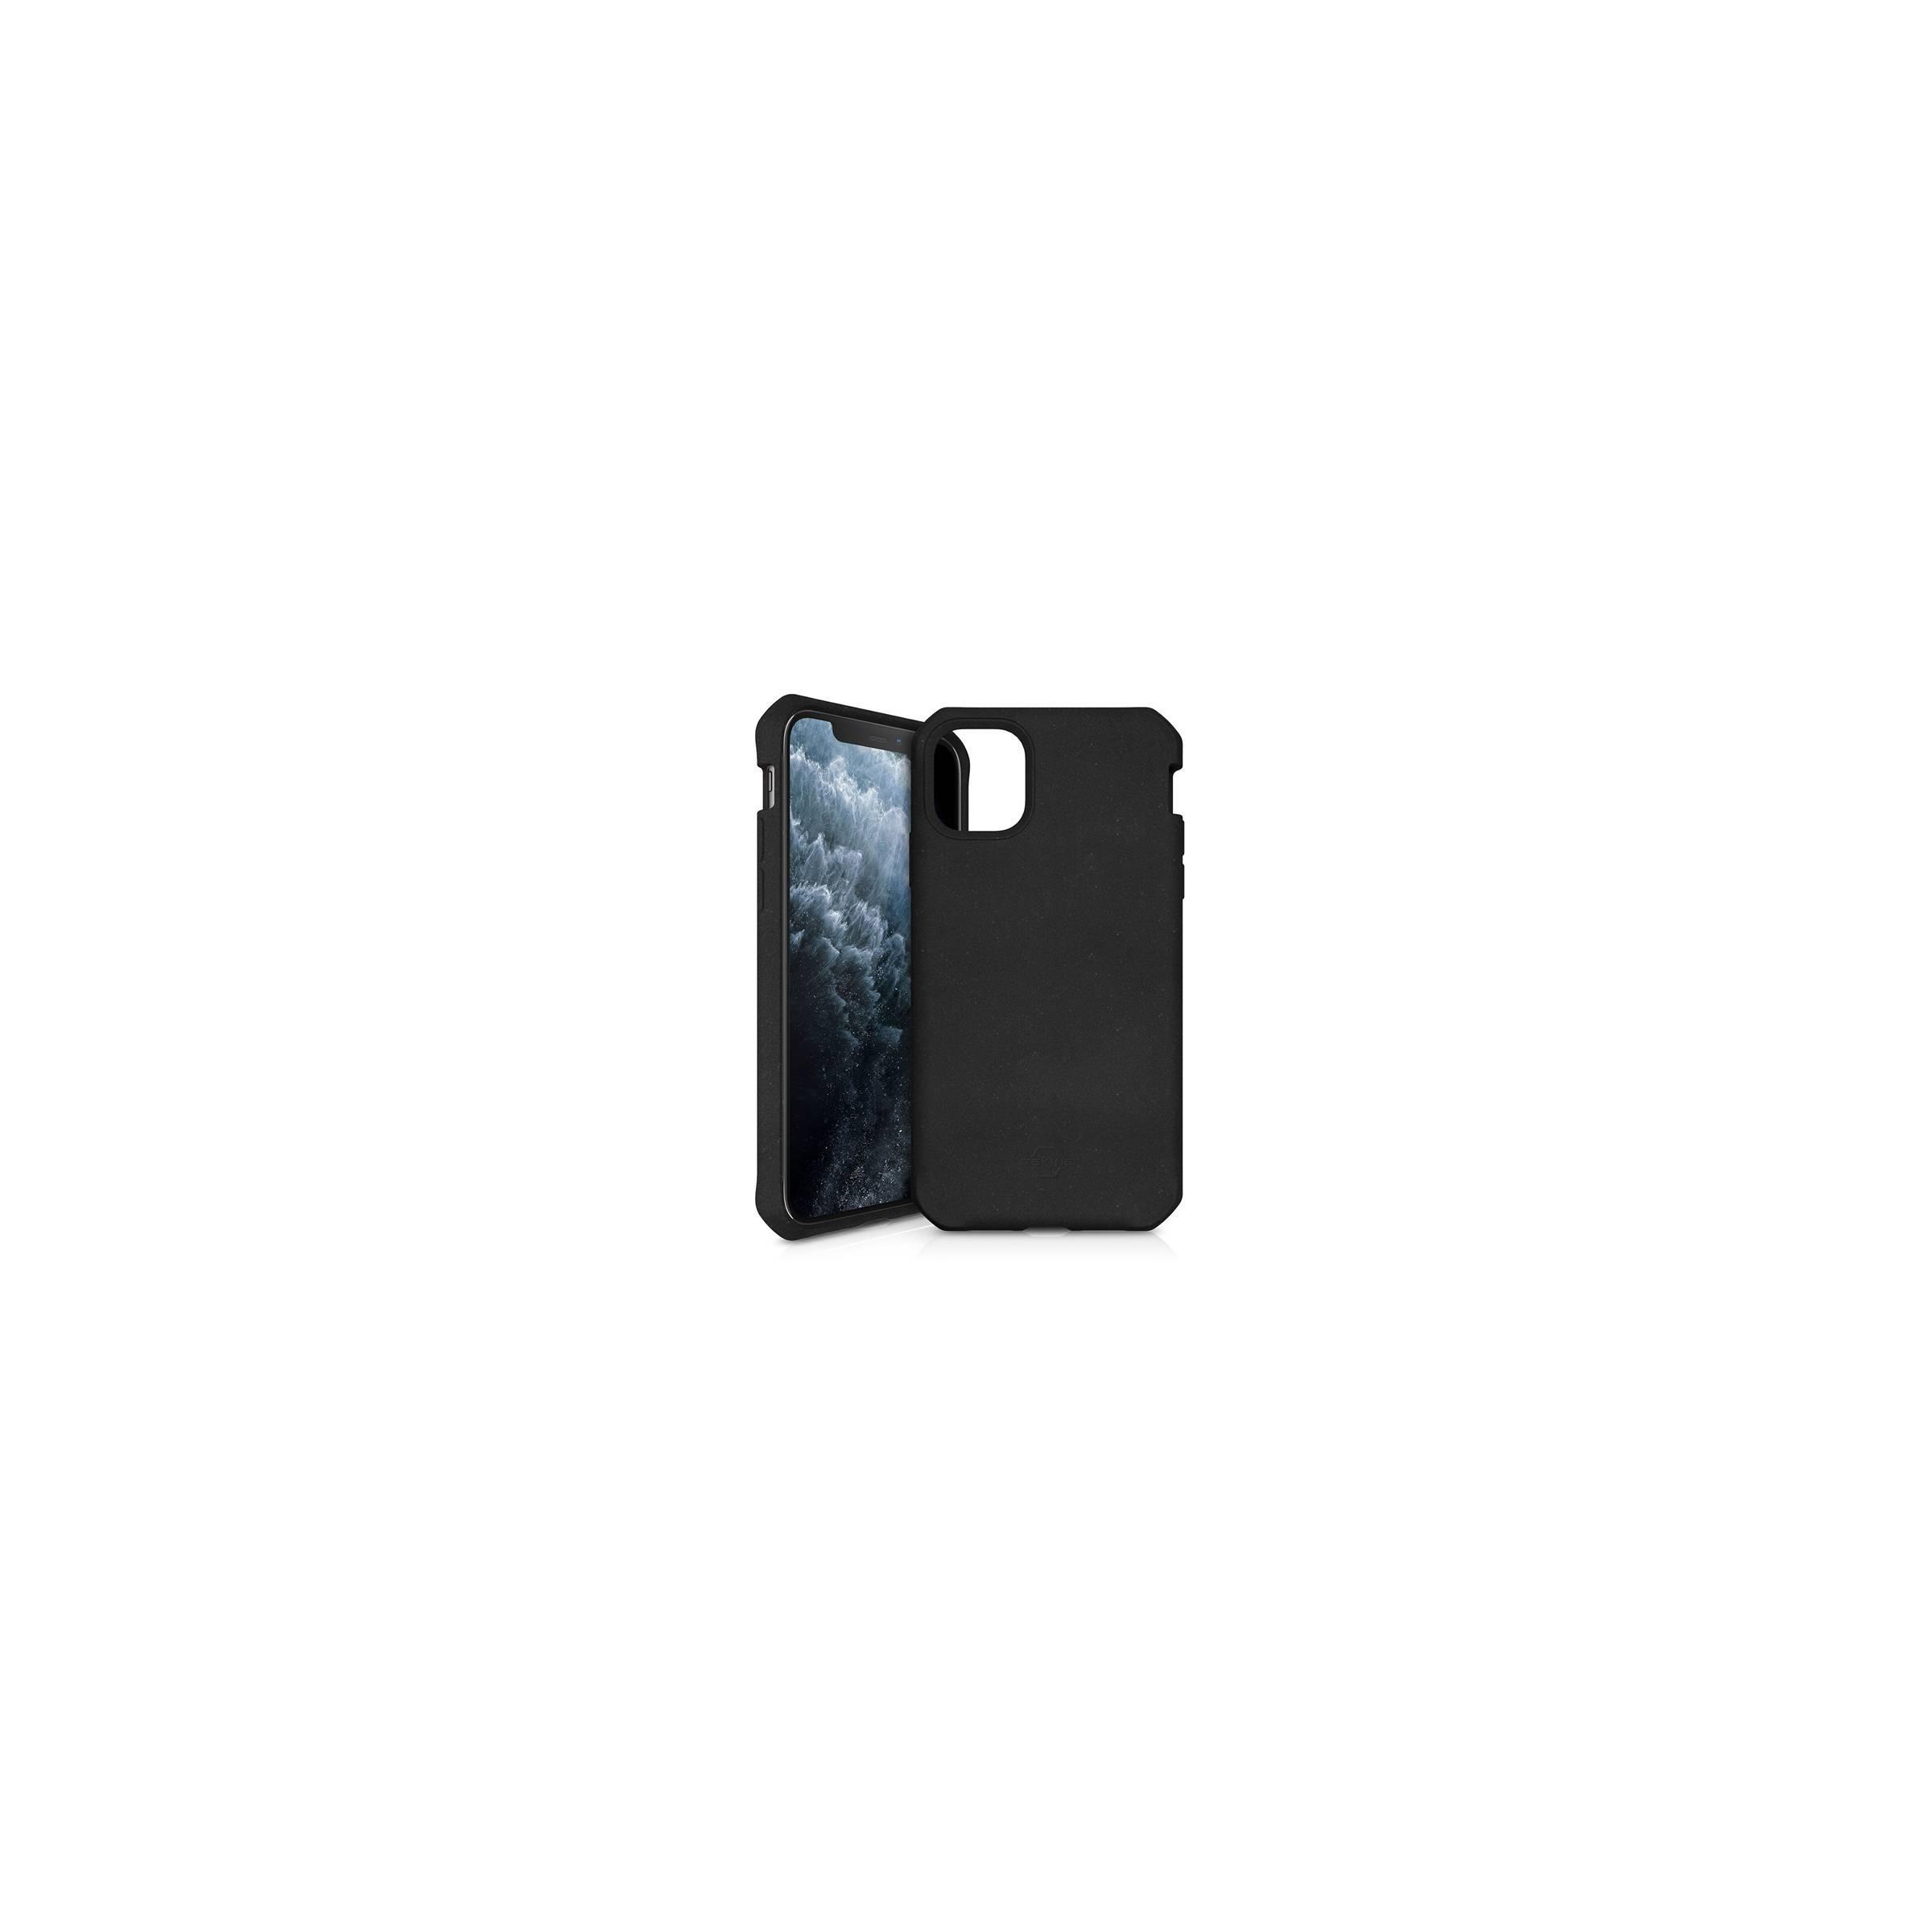 itskins Feroniabio bionedbrydeligt iphone 11 cover fra itskins på mackabler.dk